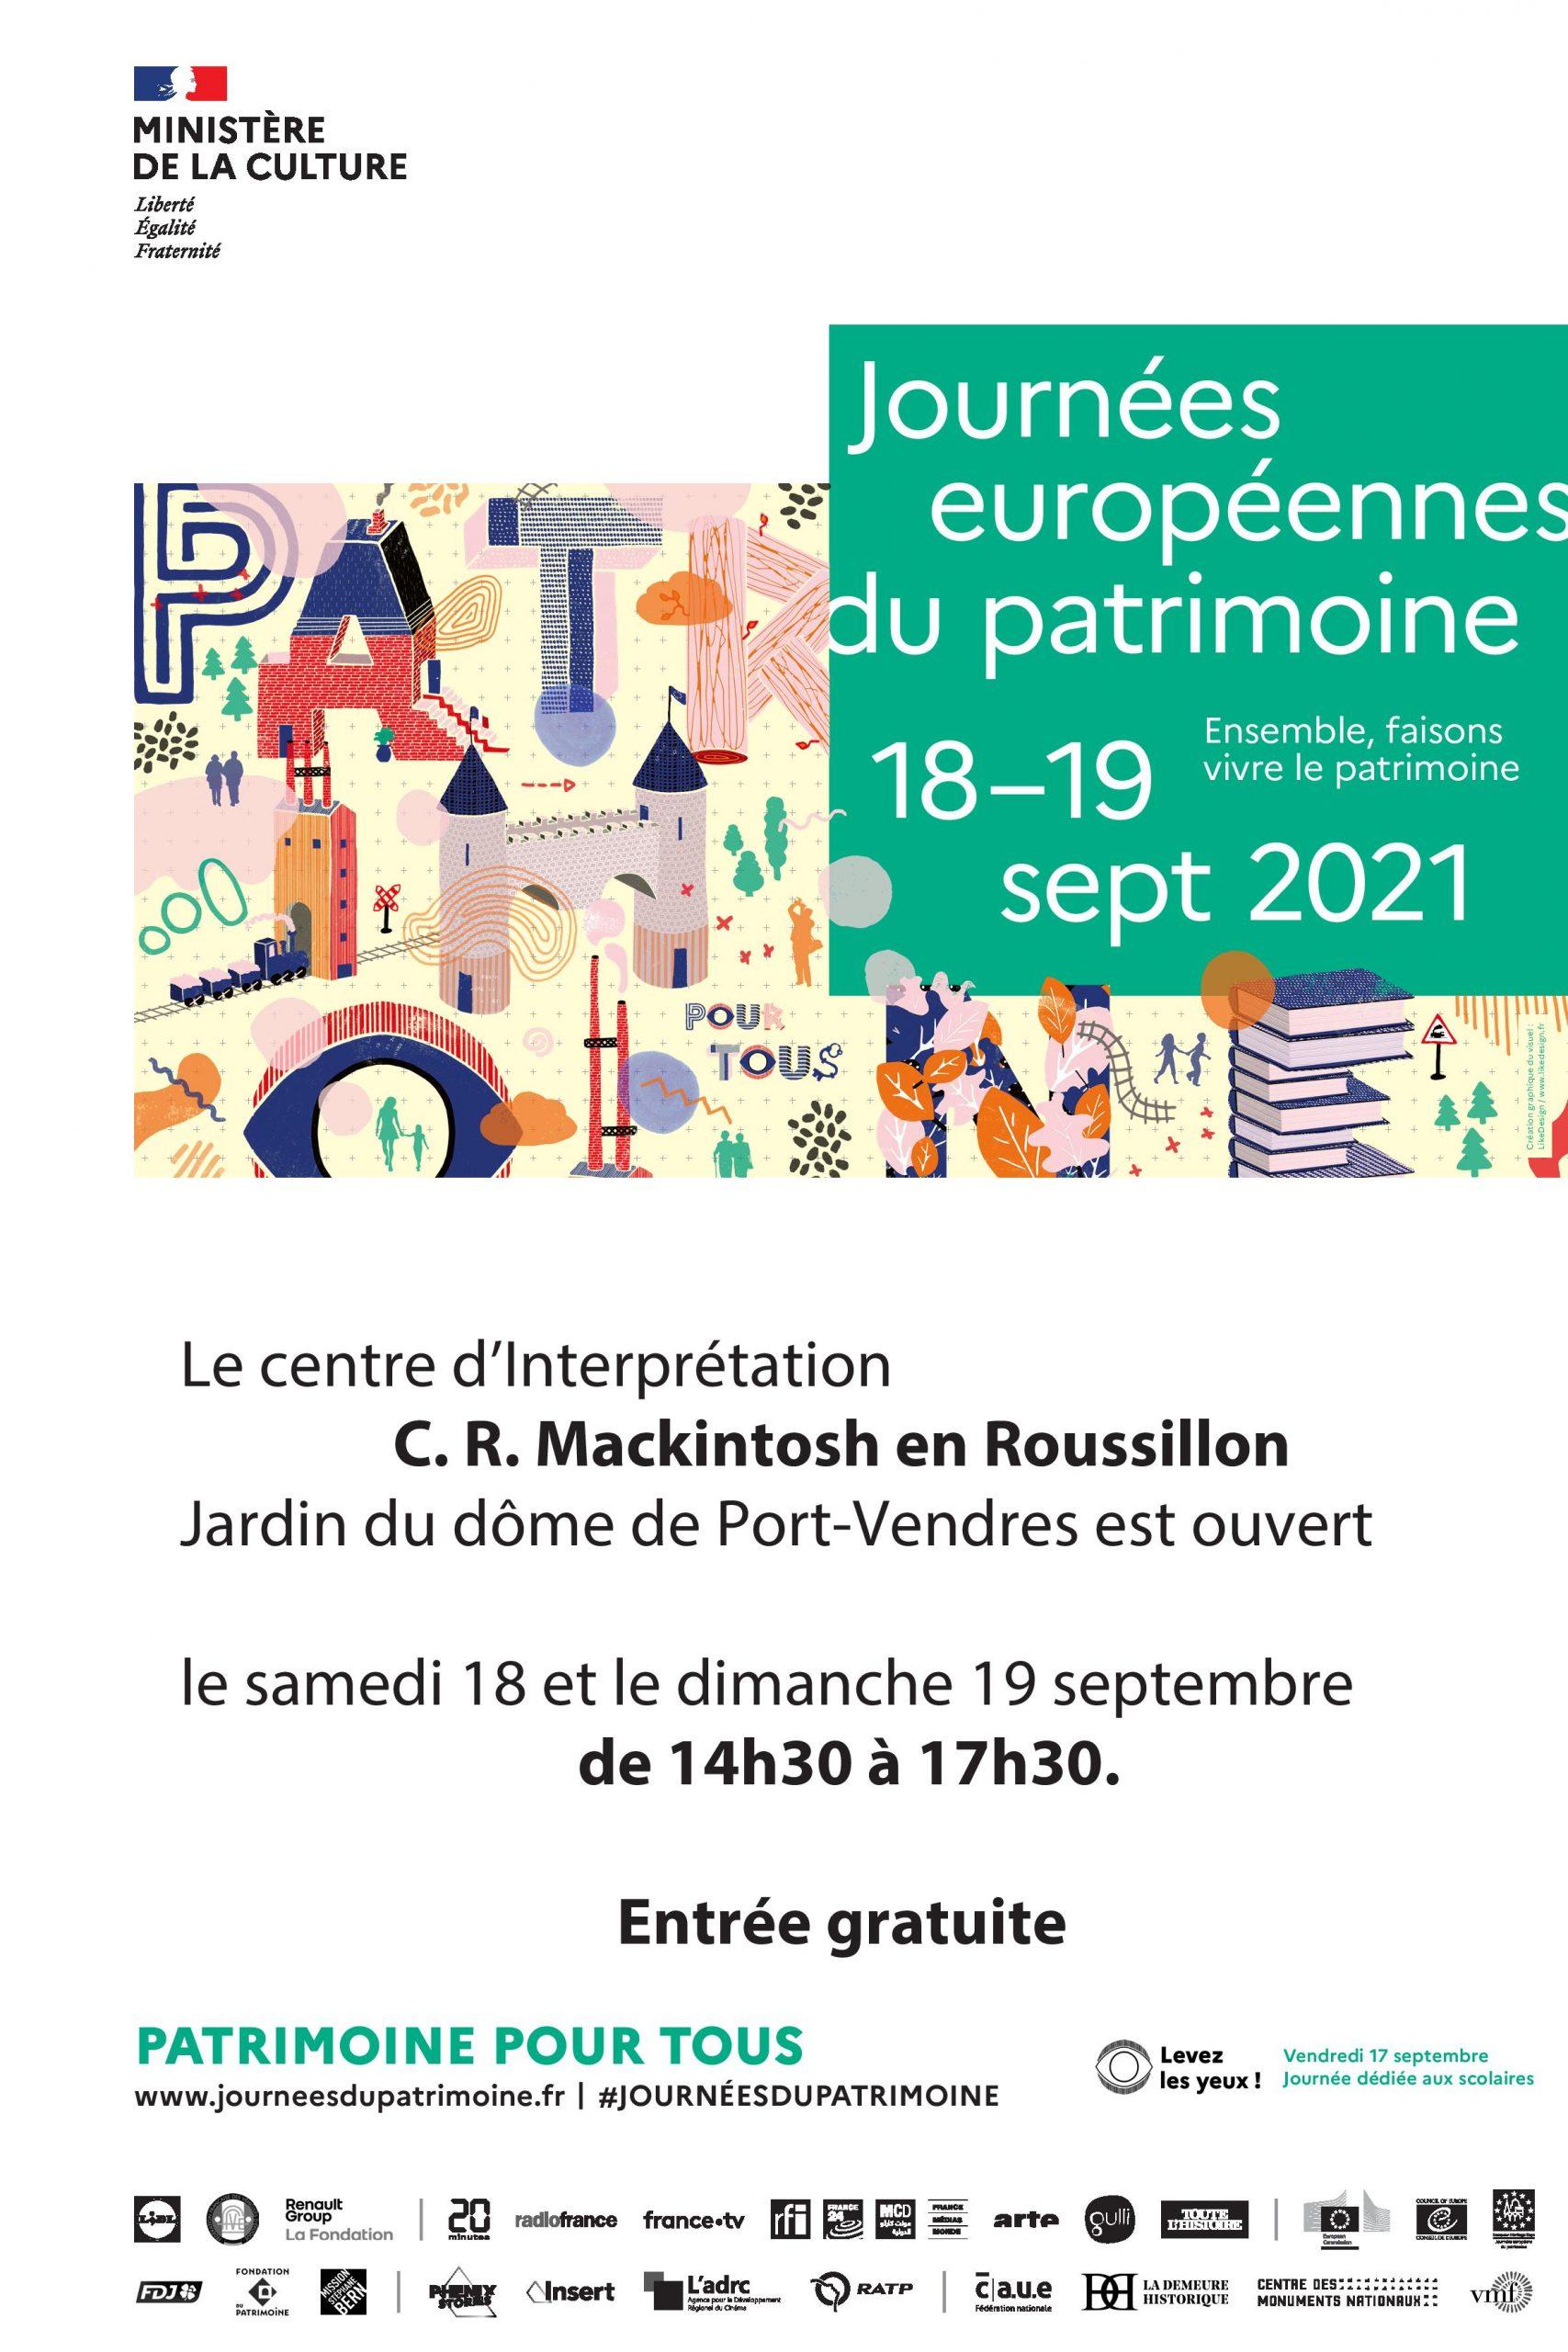 Porte ouverte des centres Charles Rennie Mackintosh en Roussillon aux journées du patrimoine